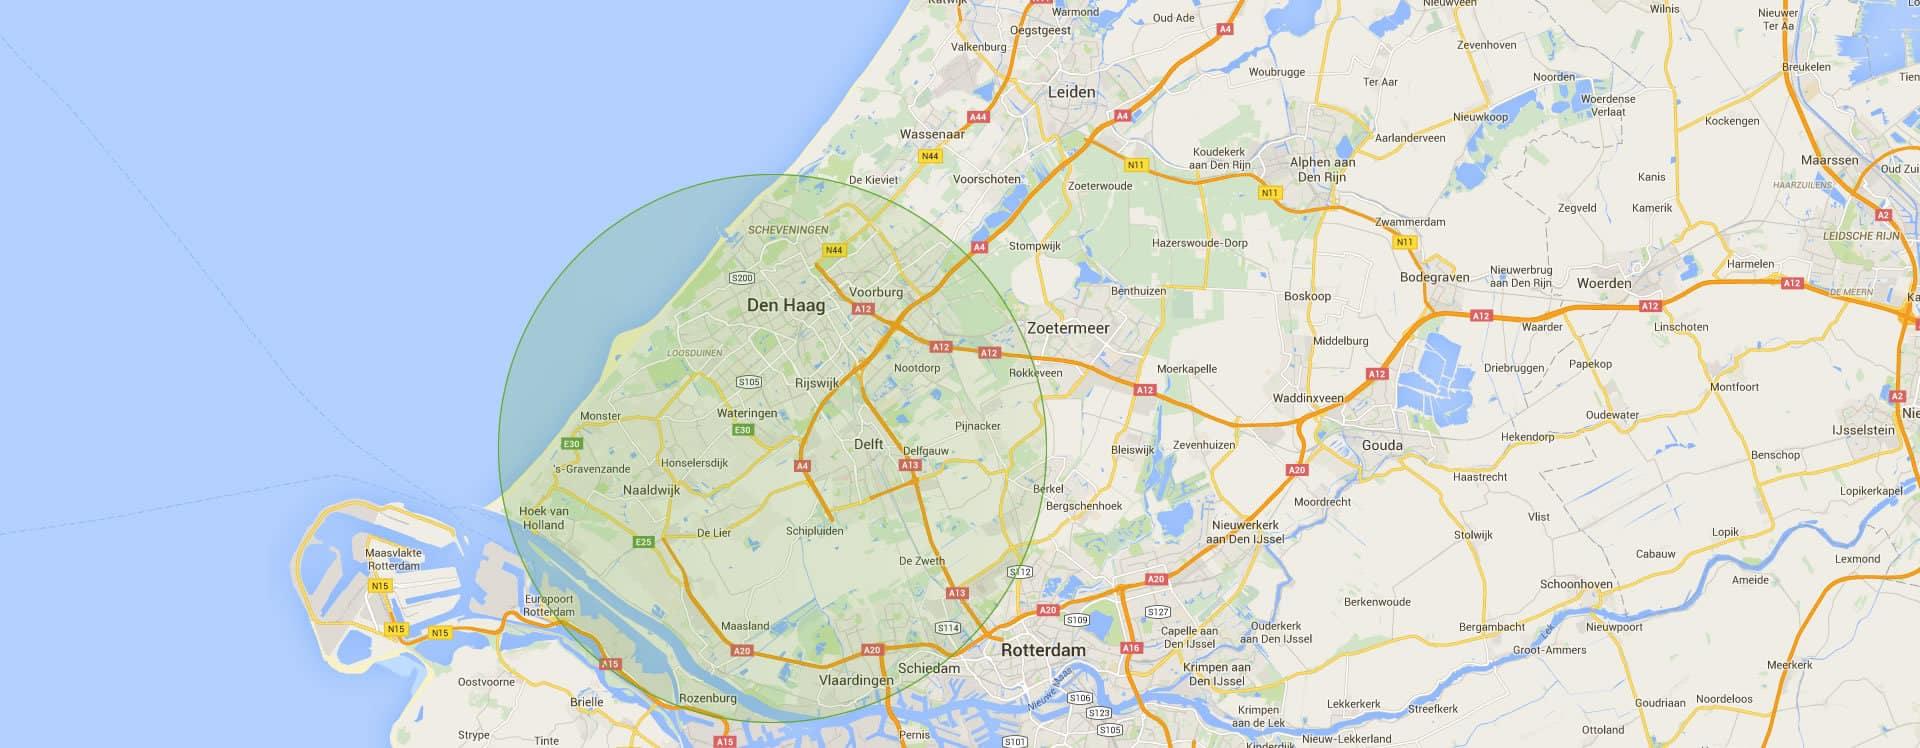 AlleenGroen.nl_Werkgebied_Westland_Den-Haag_Maassluis_Vlaardingen